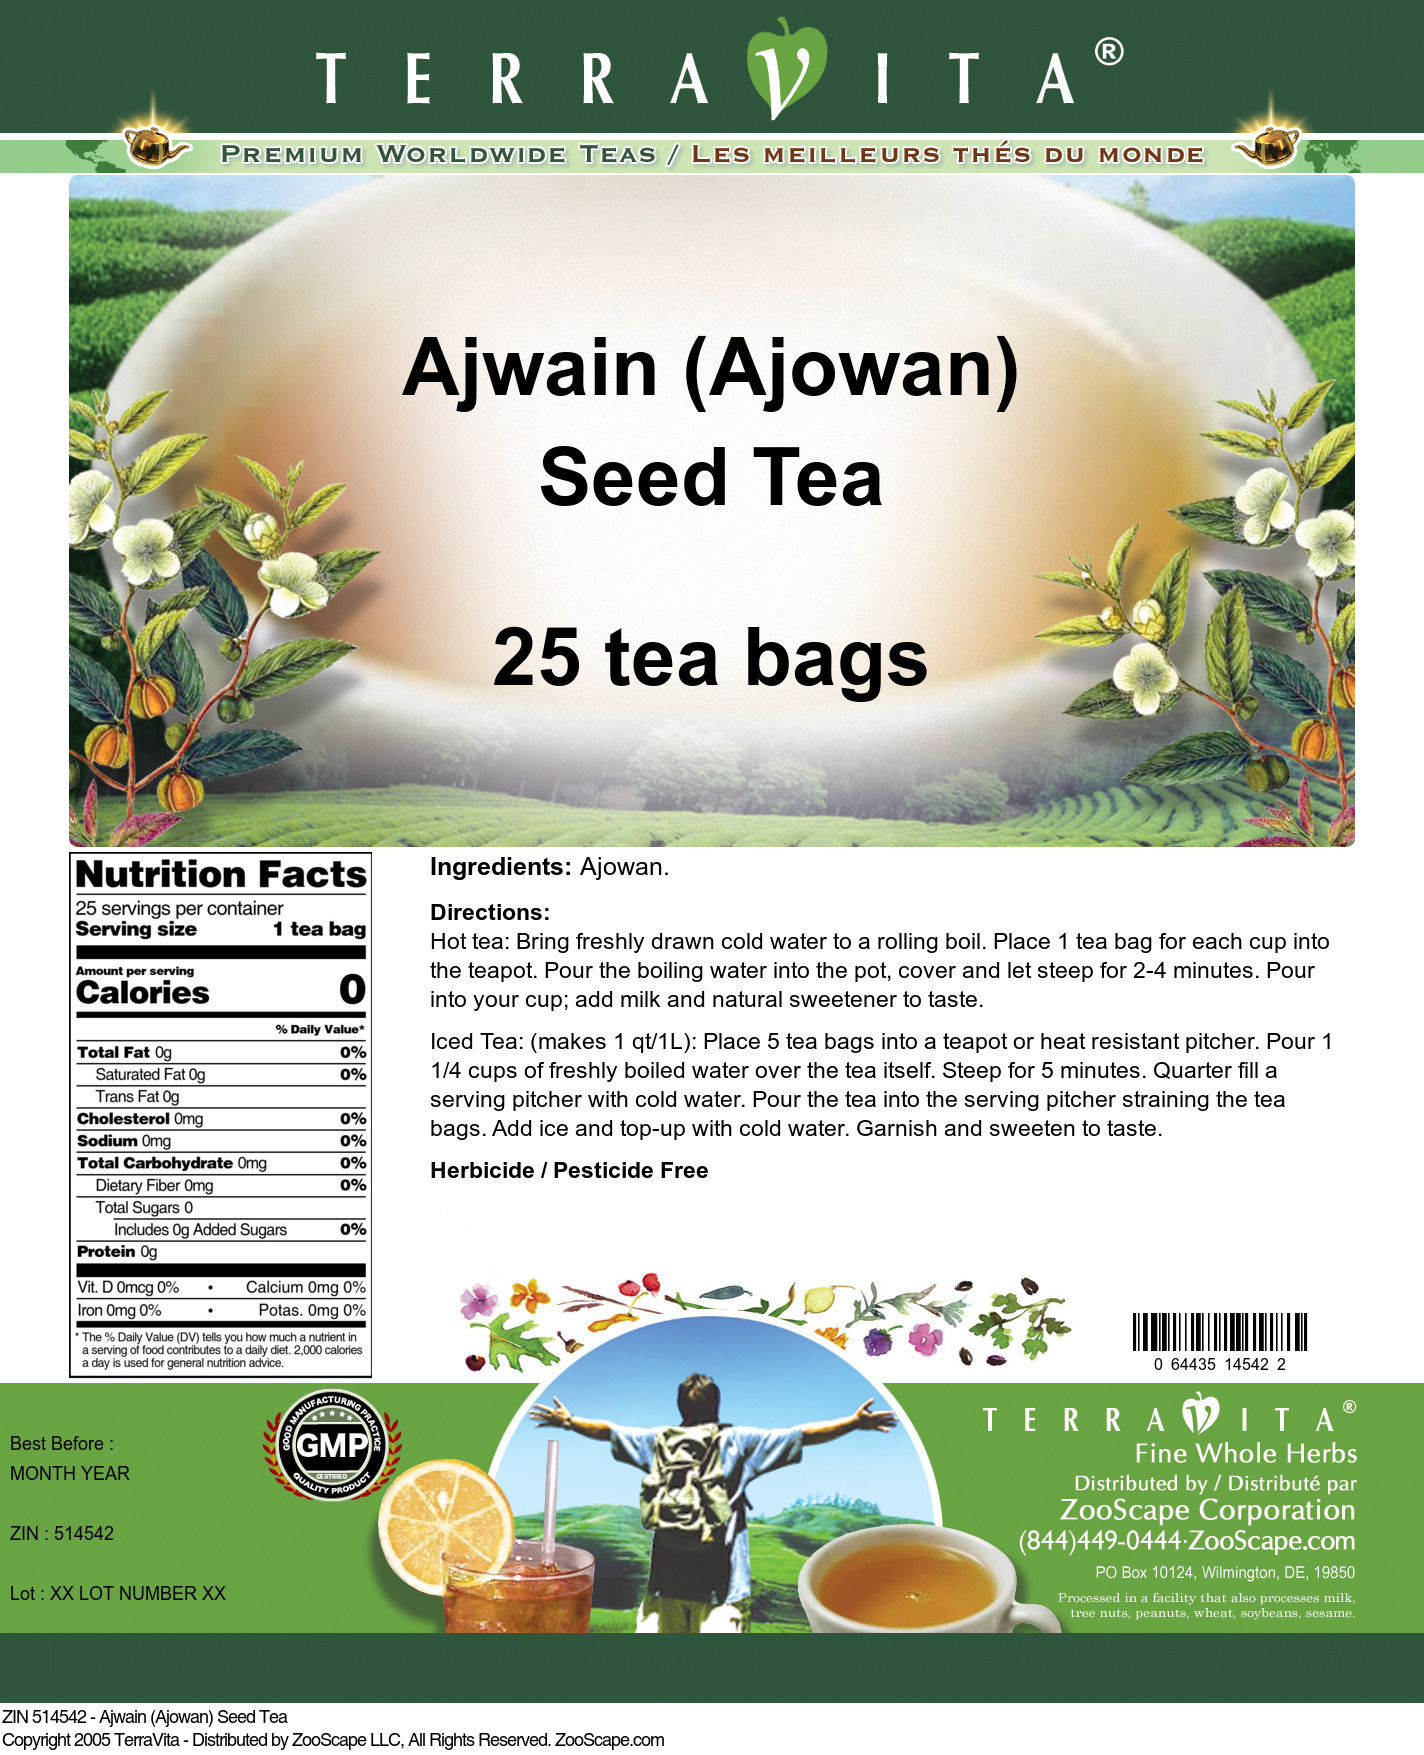 Ajwain (Ajowan) Seed Tea